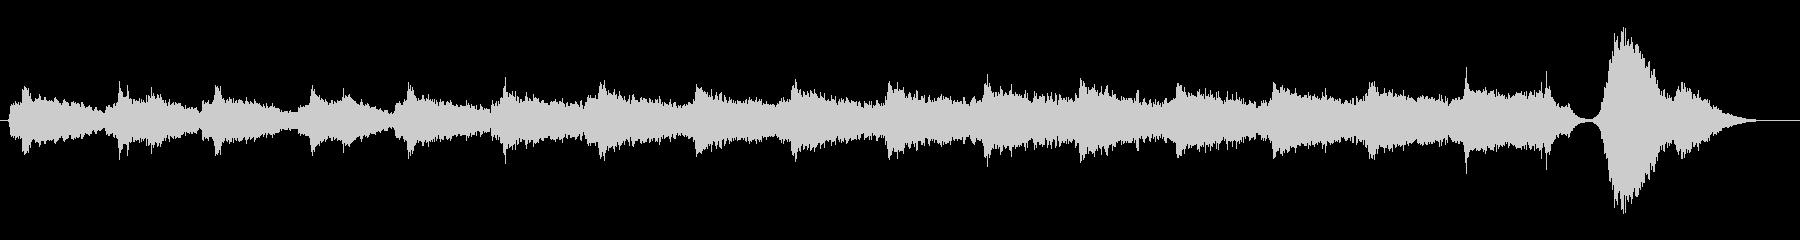 ミステリー、ホラー向き楽曲。高音の弦楽…の未再生の波形